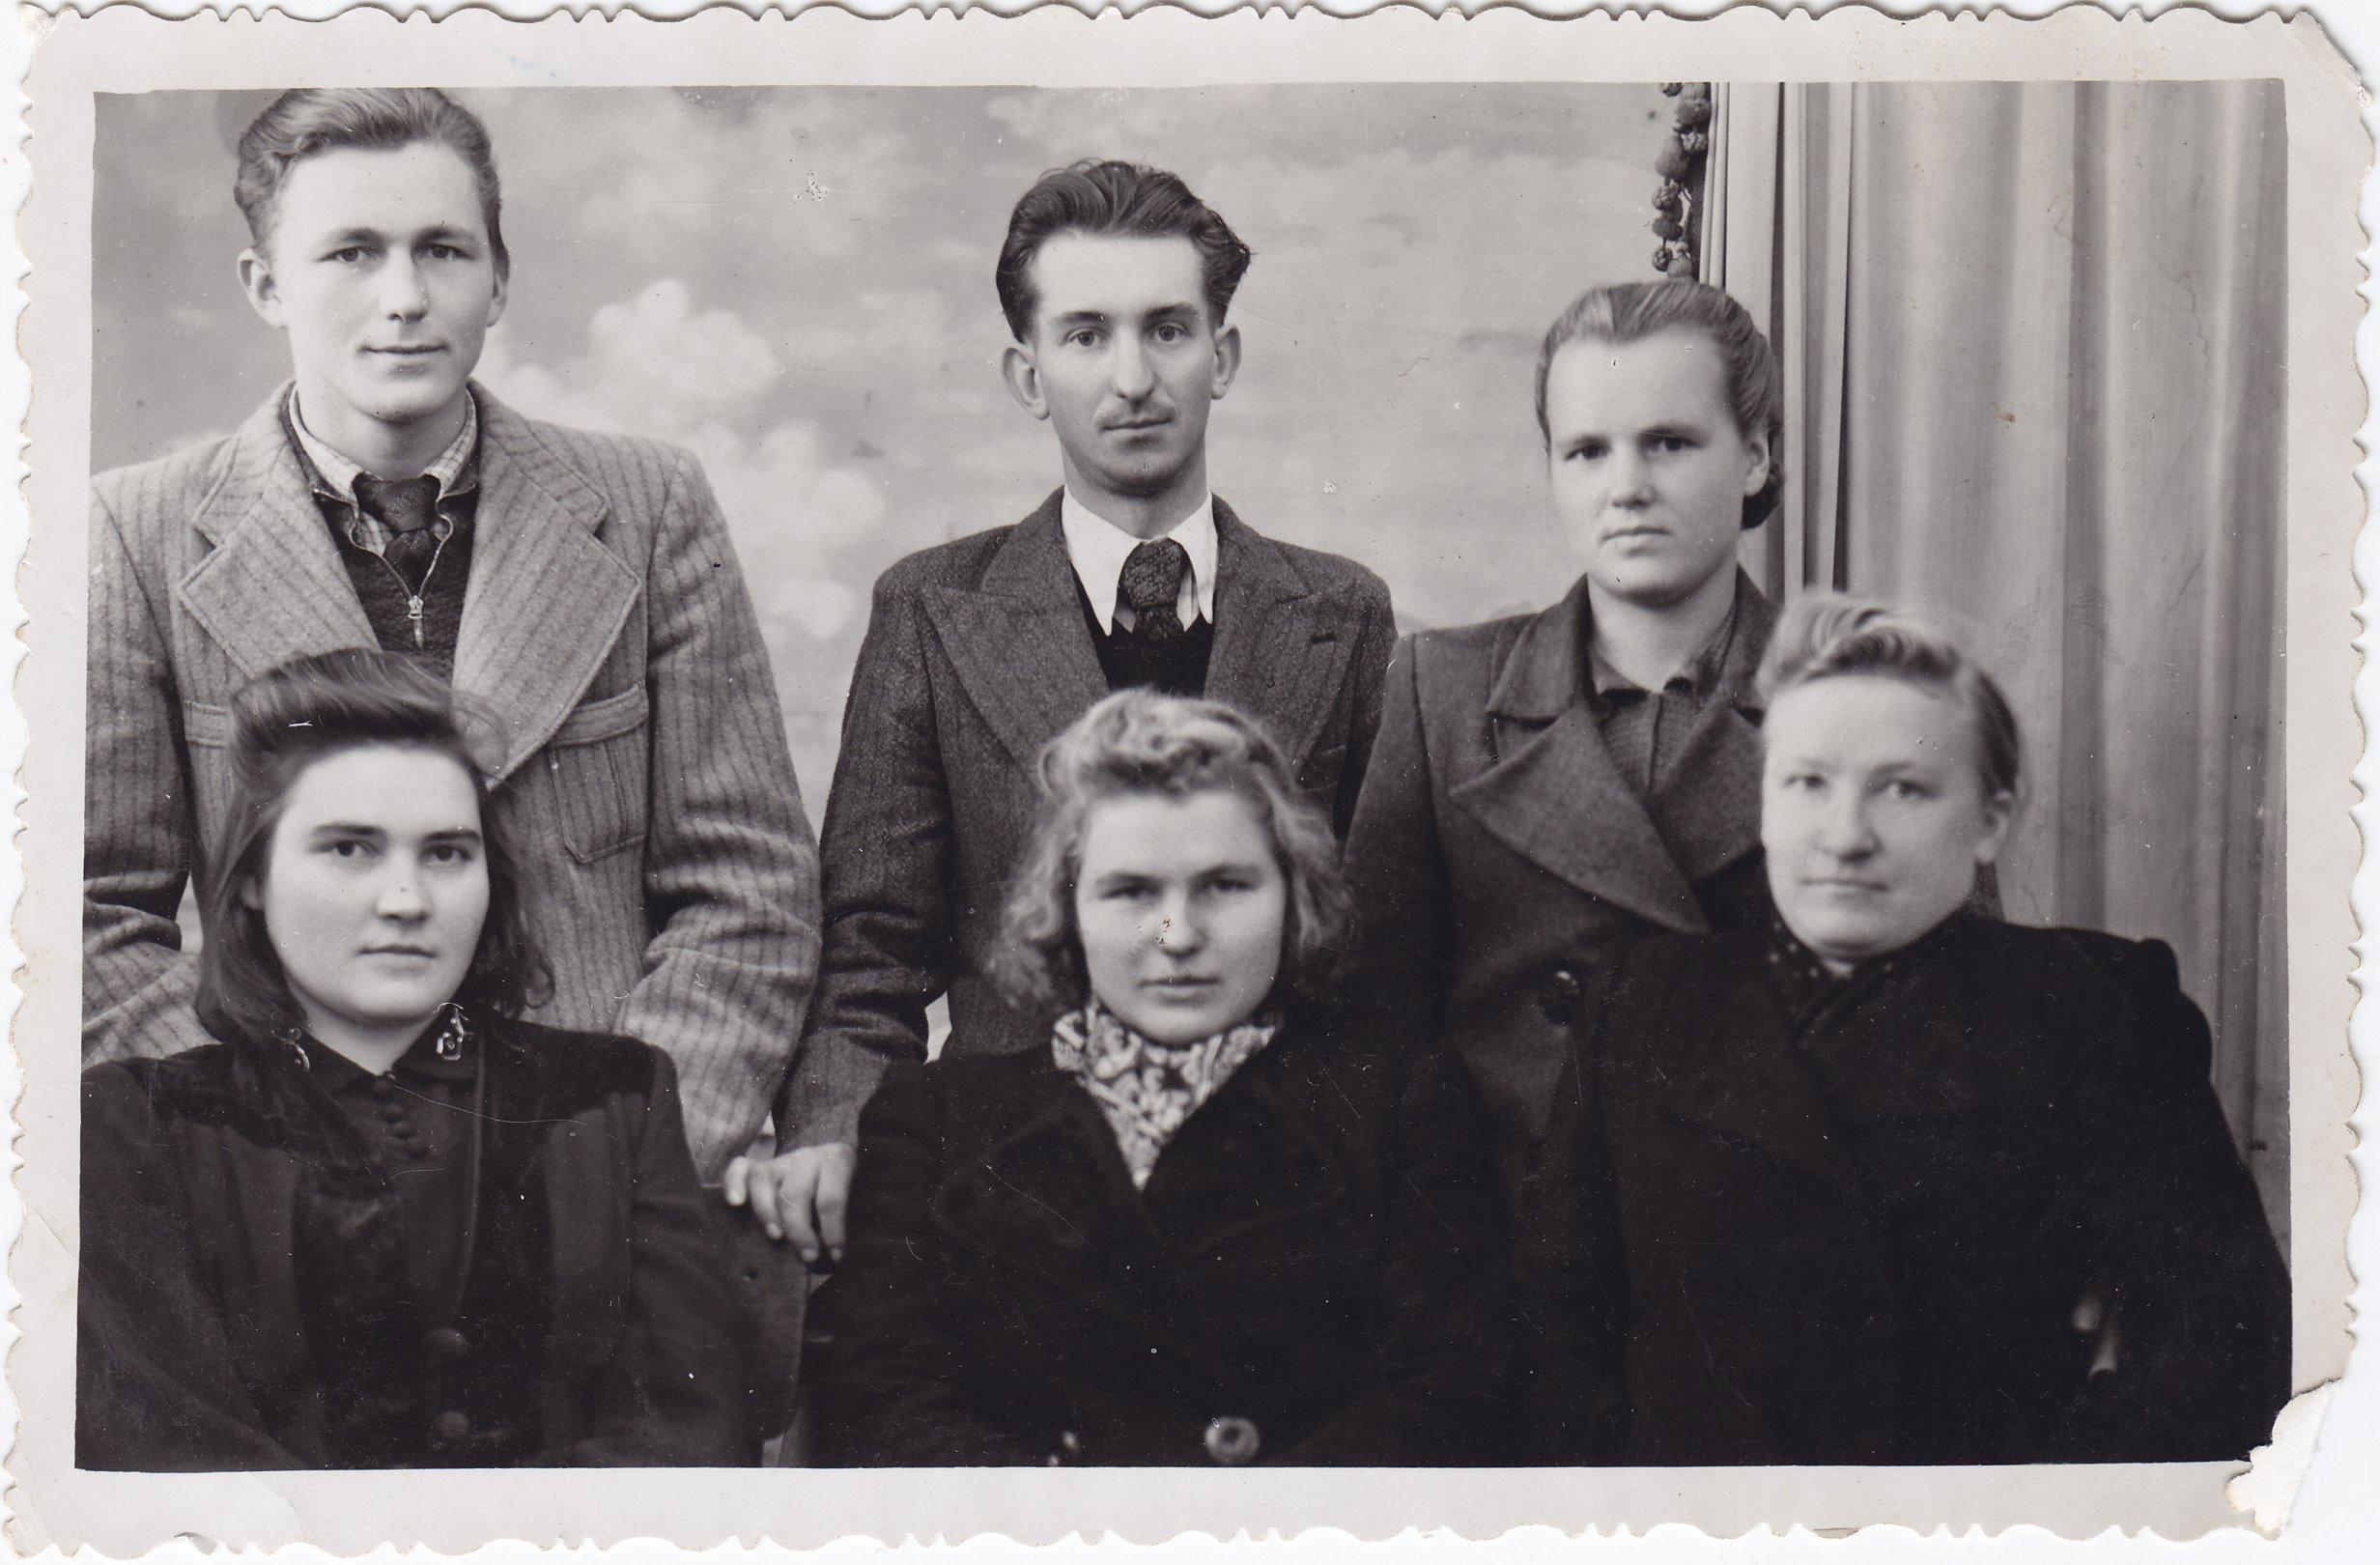 Pasvalio jaunimas, tarp kurių – profesoriaus, agronomo Petro Vasinausko sesuo Apolonija Vasinauskaitė (pirmoje eilėje trečia iš kairės). 1943 m.